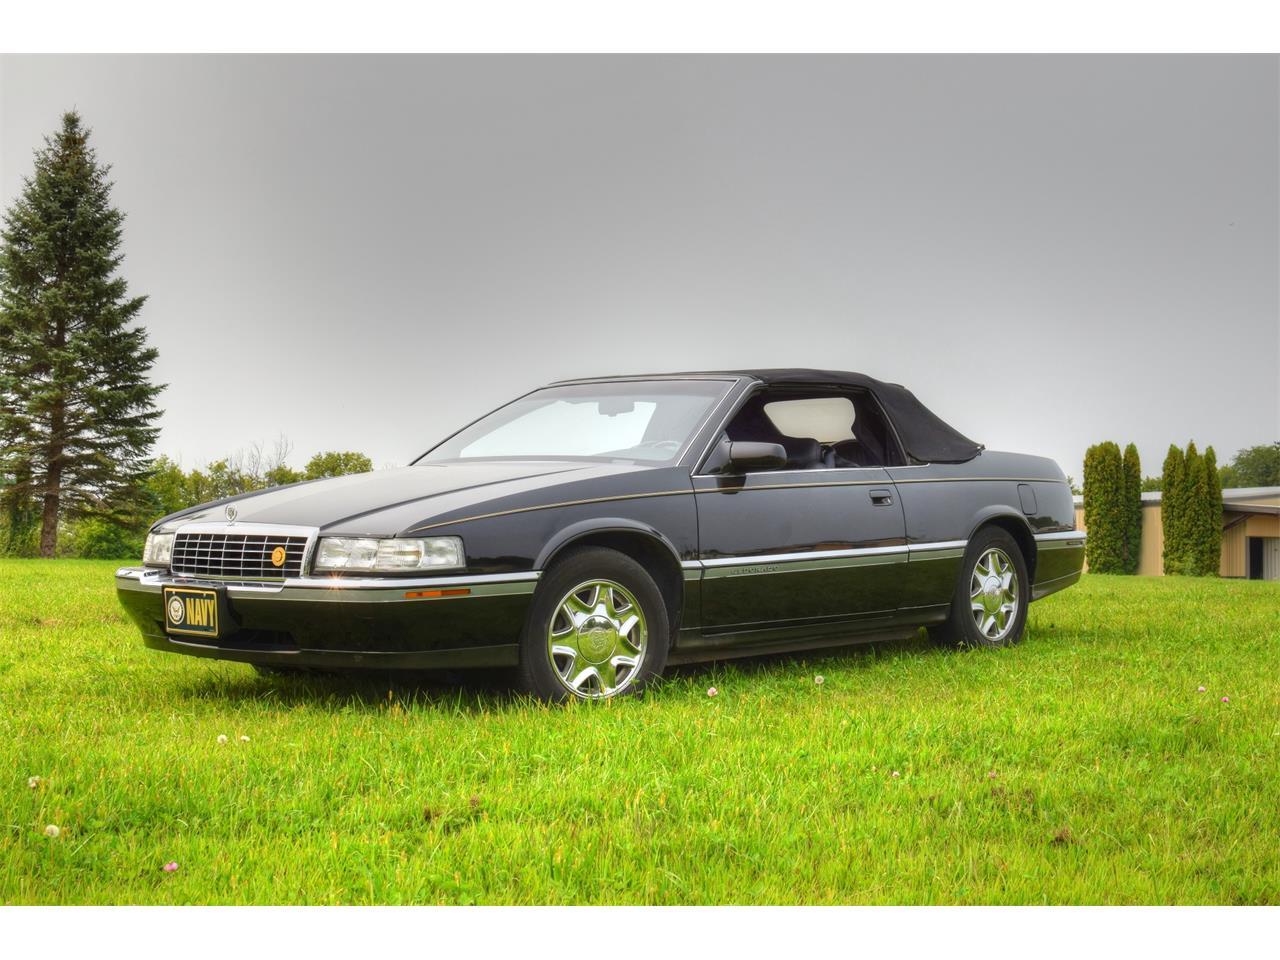 1992 cadillac eldorado for sale classiccars com cc 1144855 1992 cadillac eldorado for sale